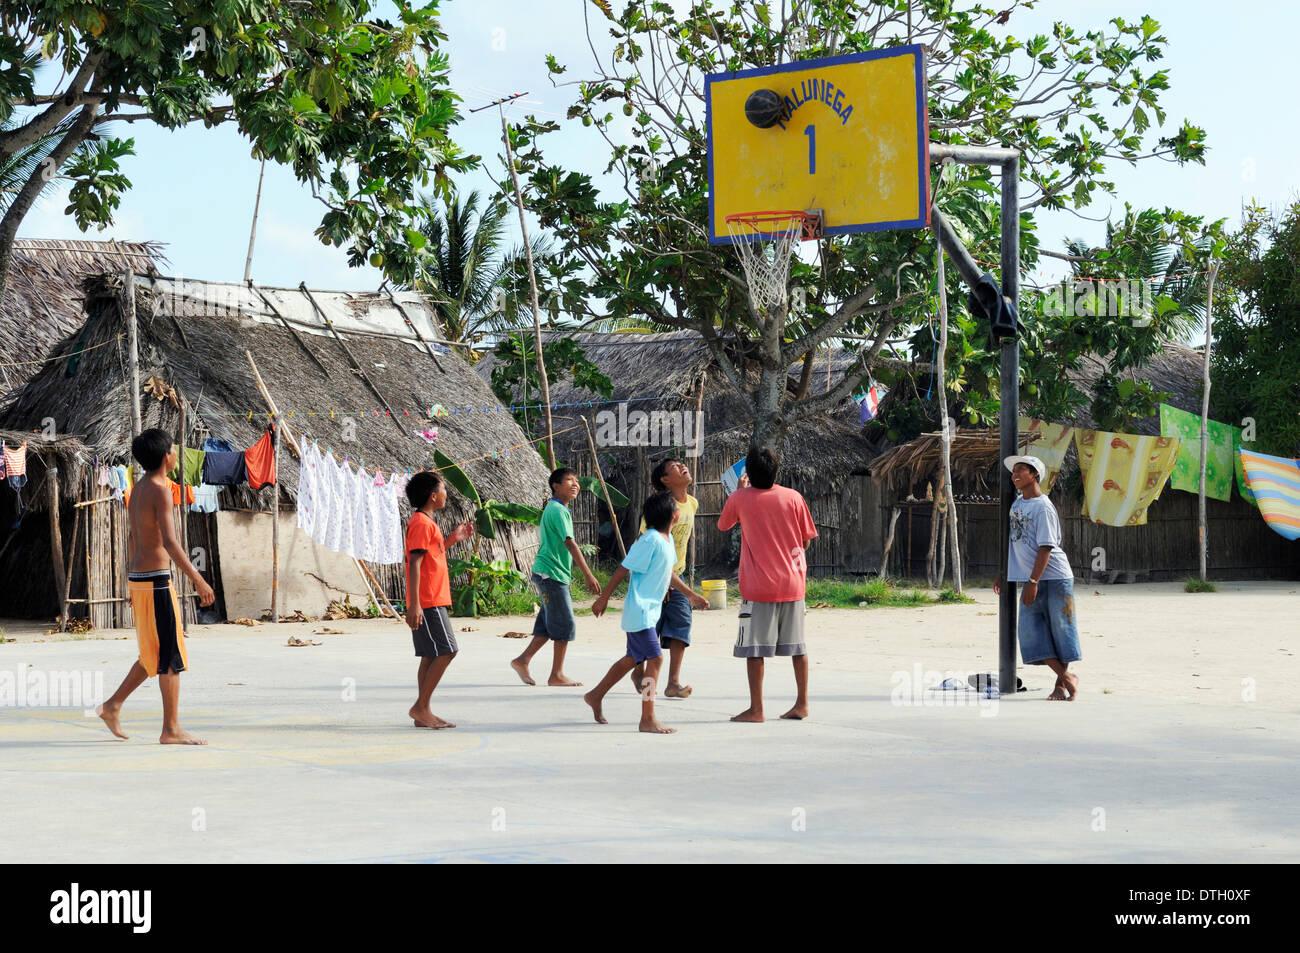 Los niños juegan al baloncesto en una aldea de los indios Kuna, Nalunega, las Islas de San Blas, Panamá Imagen De Stock